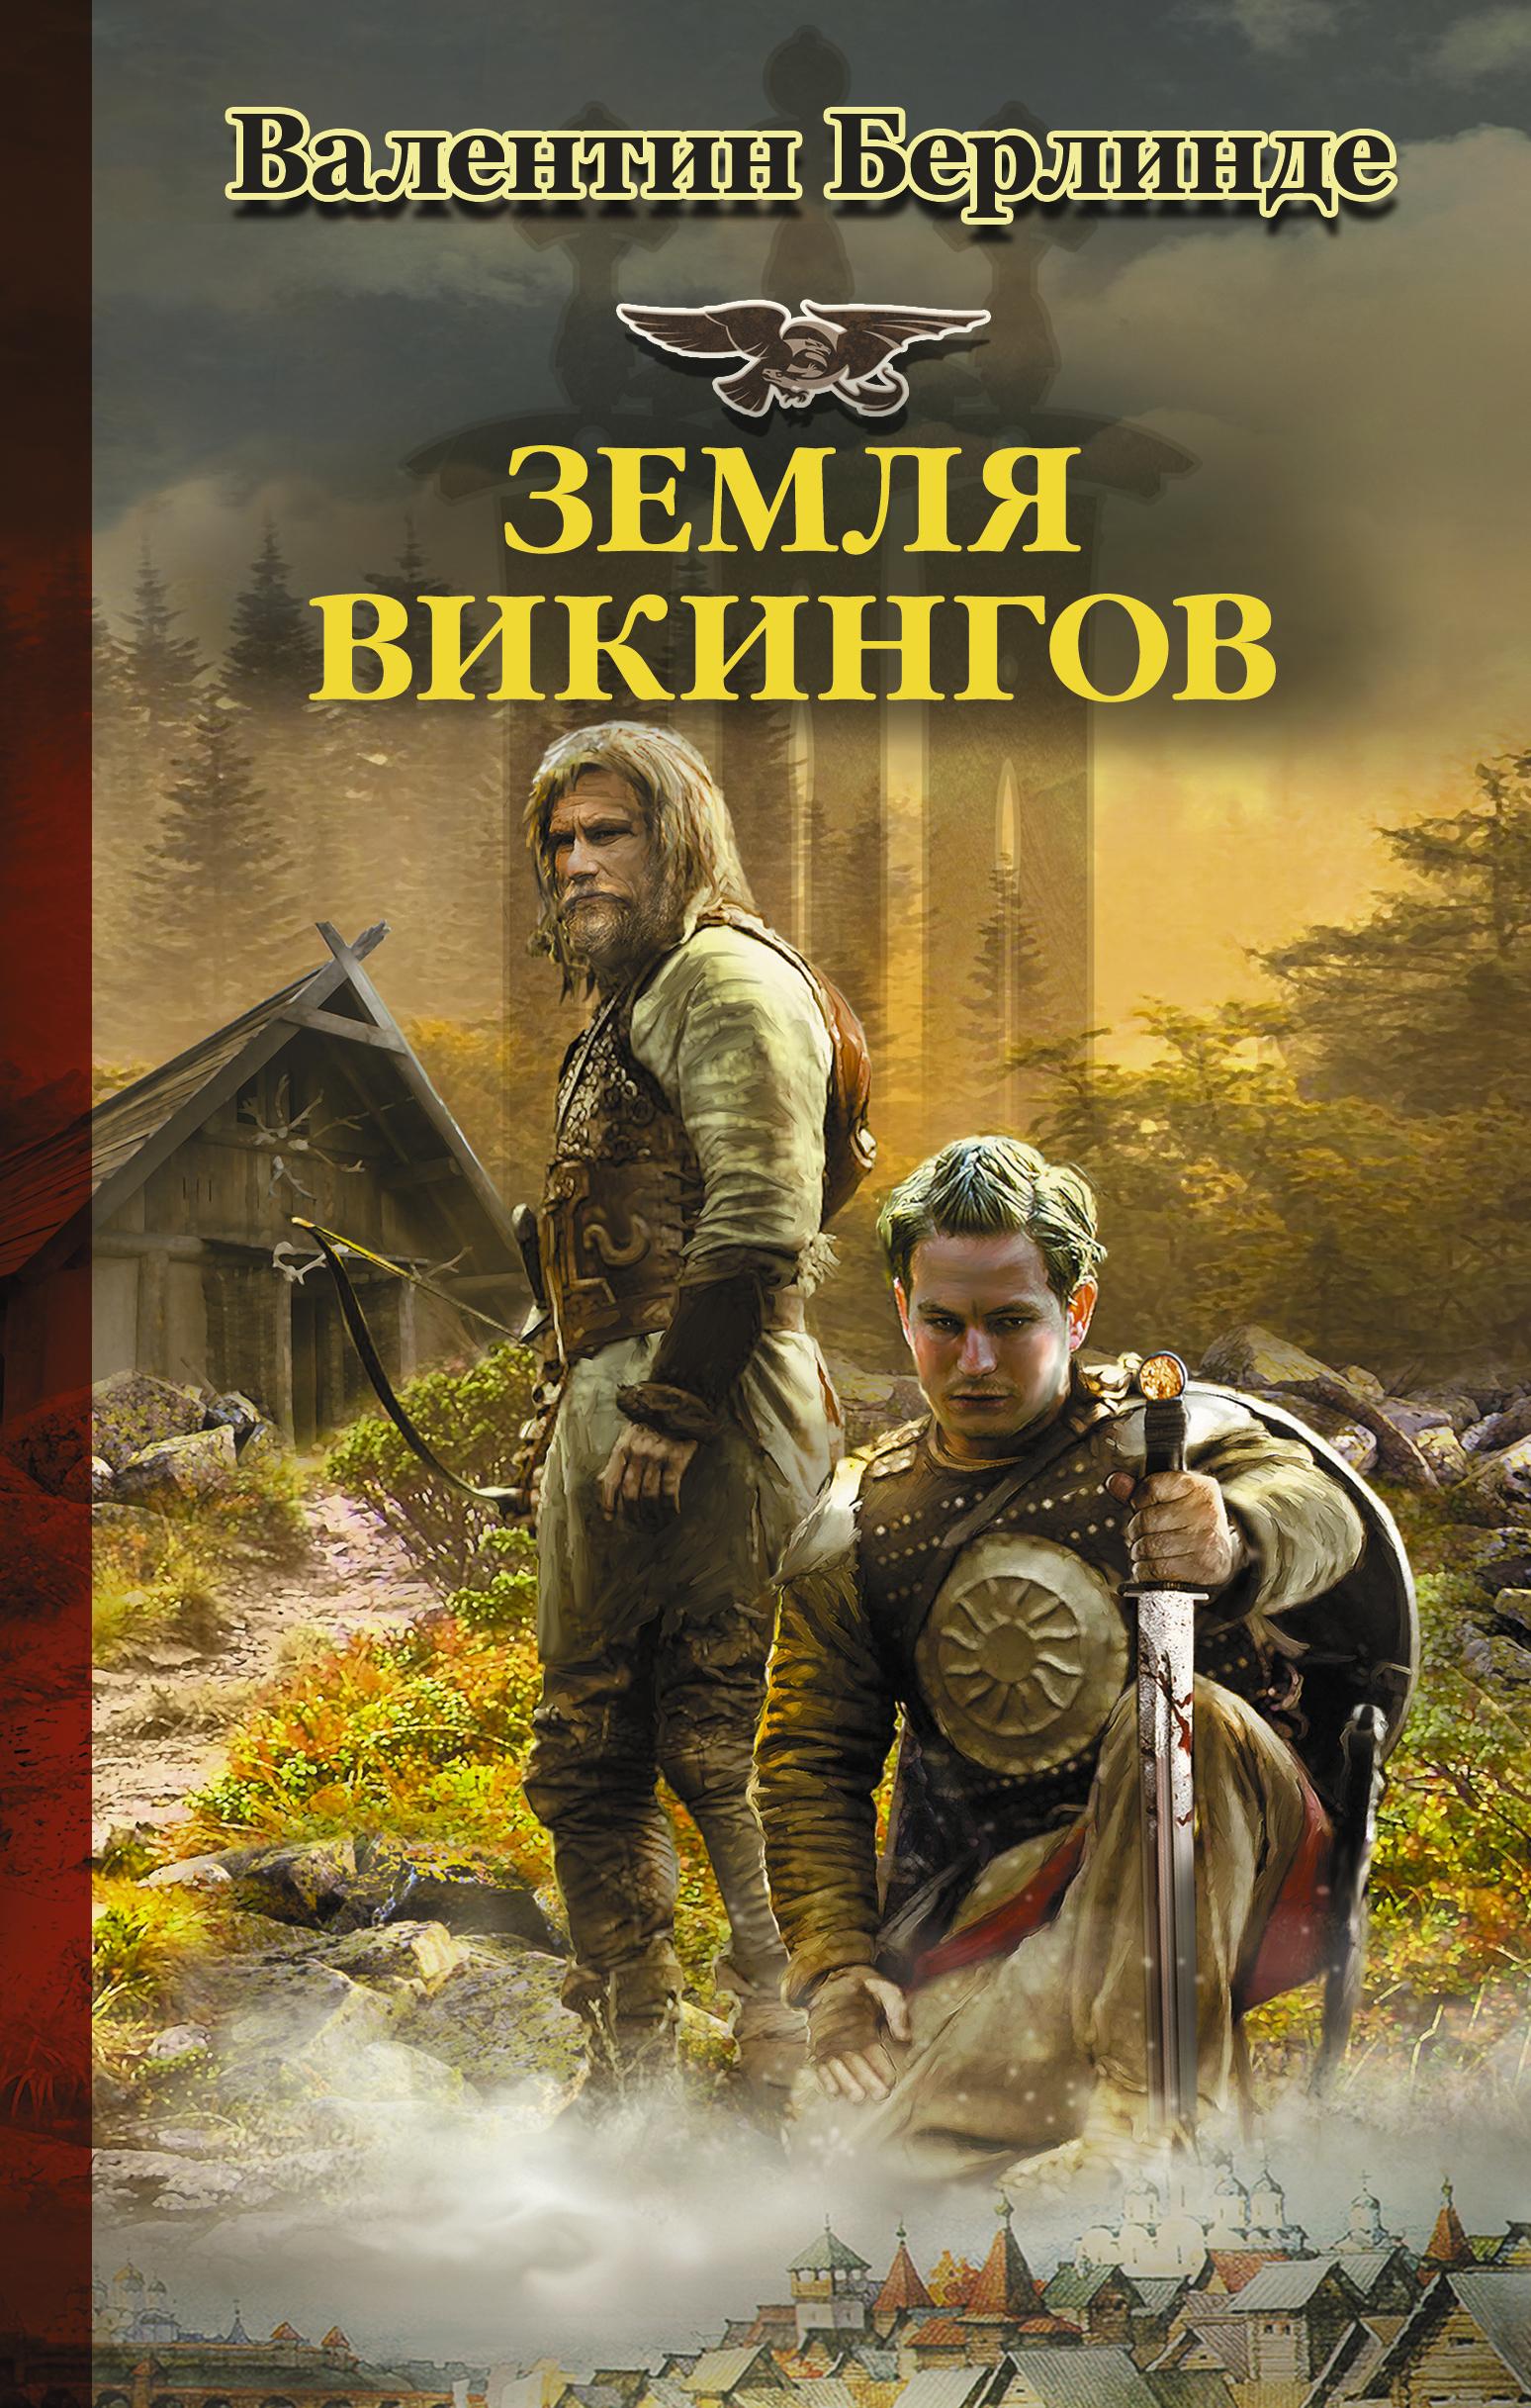 Берлинде В.Э. Земля викингов